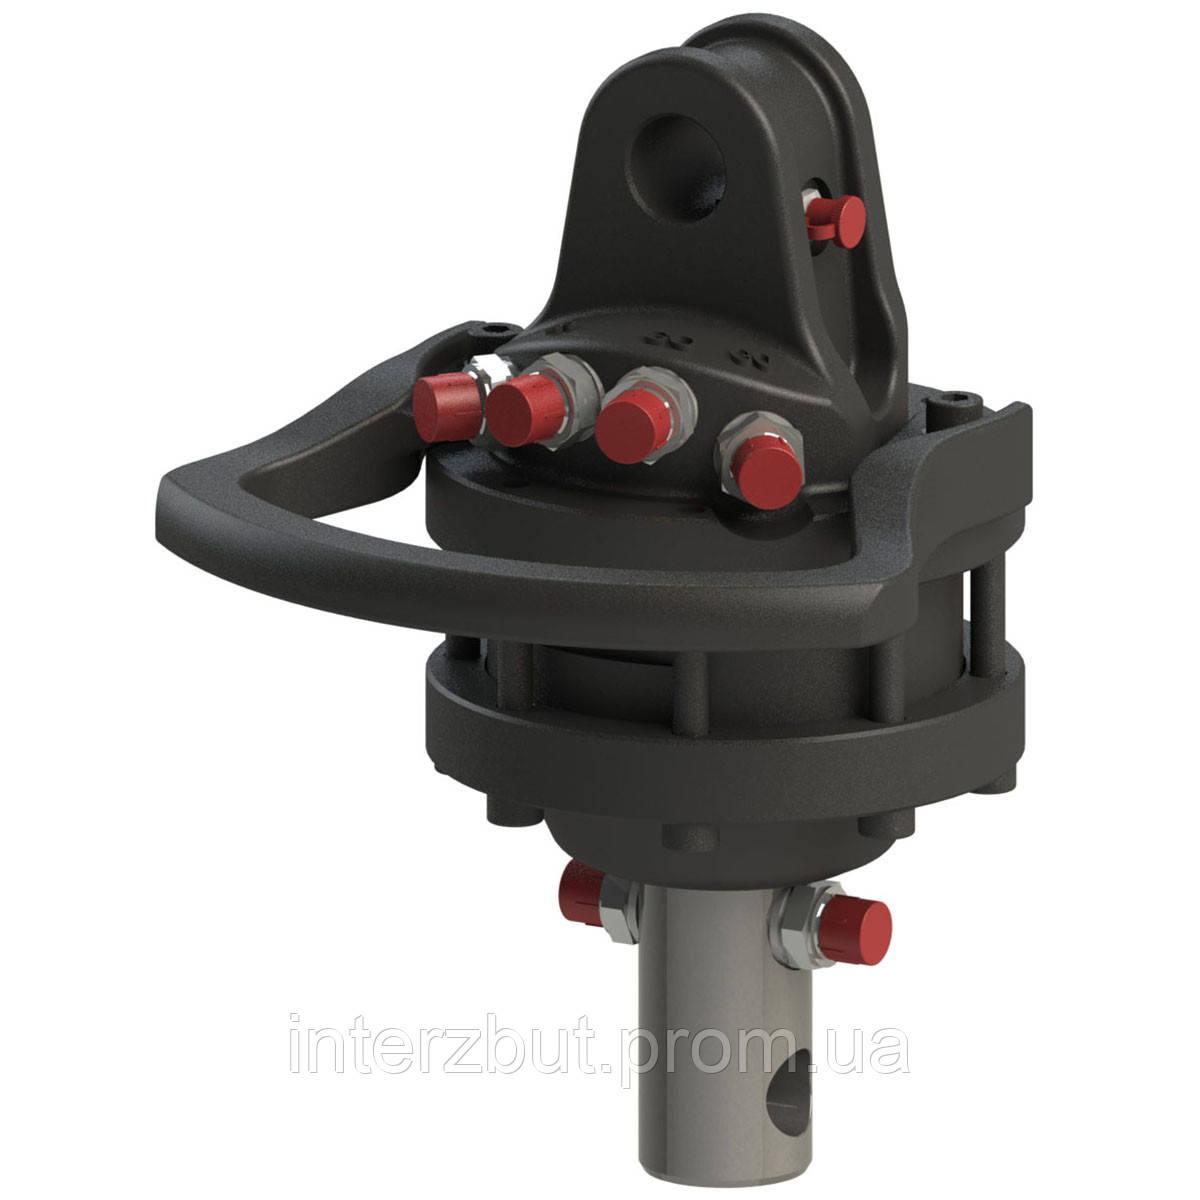 Ротатор гідравлічний 4.5t / Ротатор гидравлический 4.5t